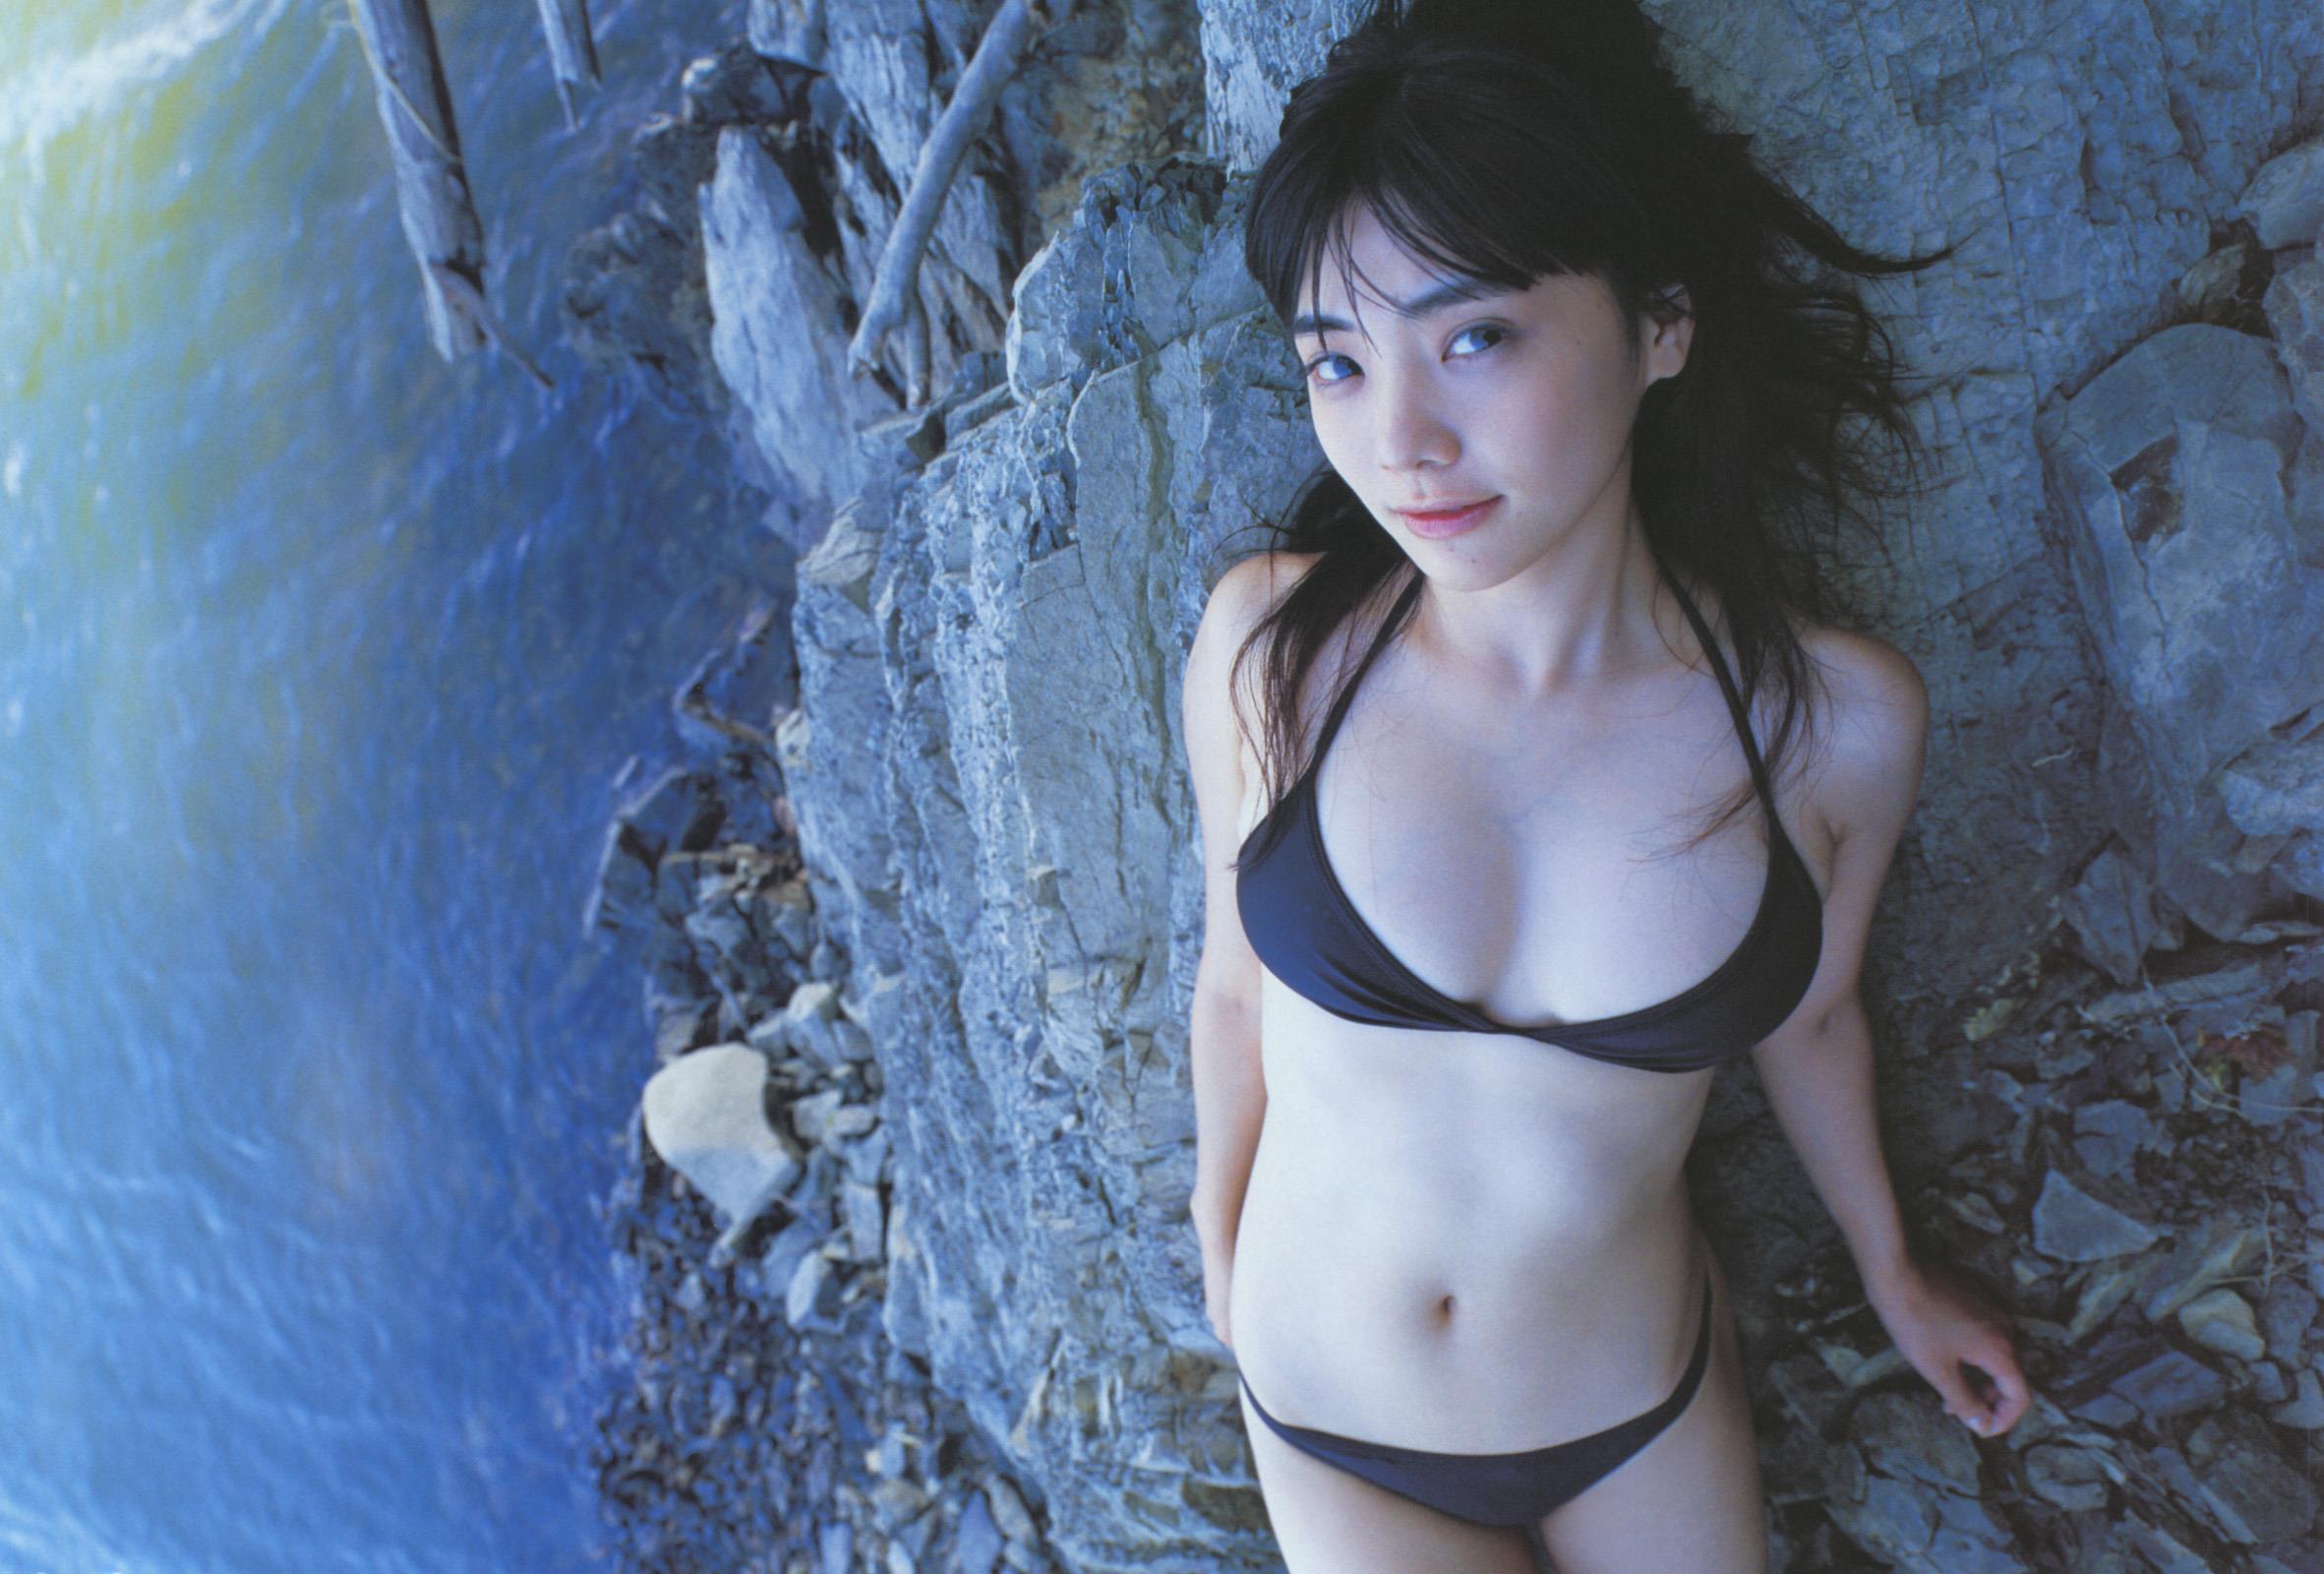 倉科カナ 画像 34